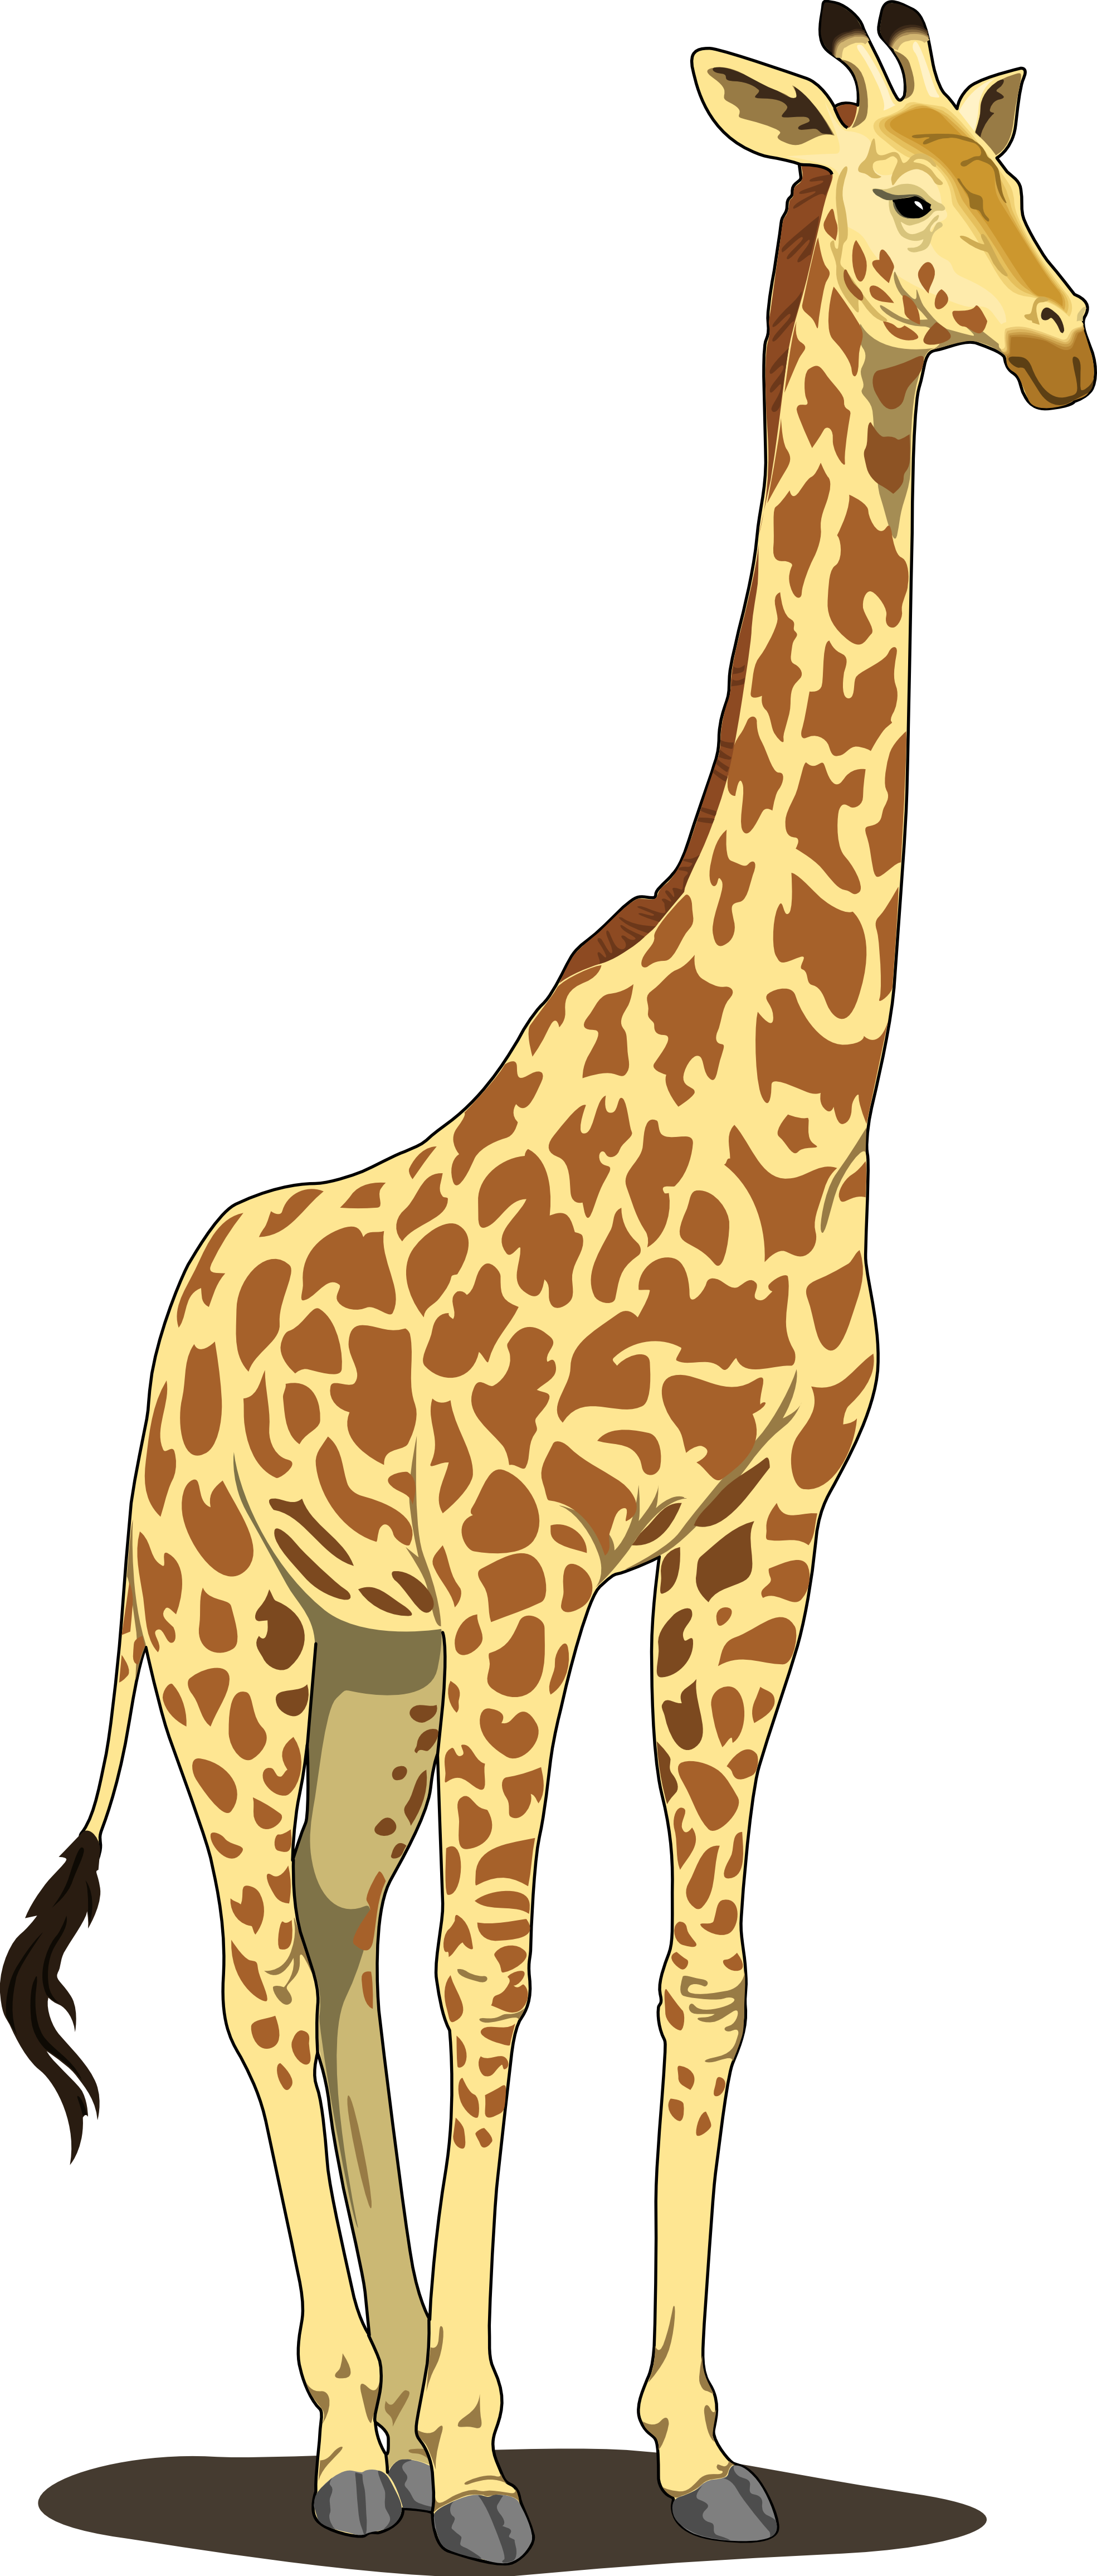 medium resolution of giraffe clipart widescreen 2 hd wallpapers